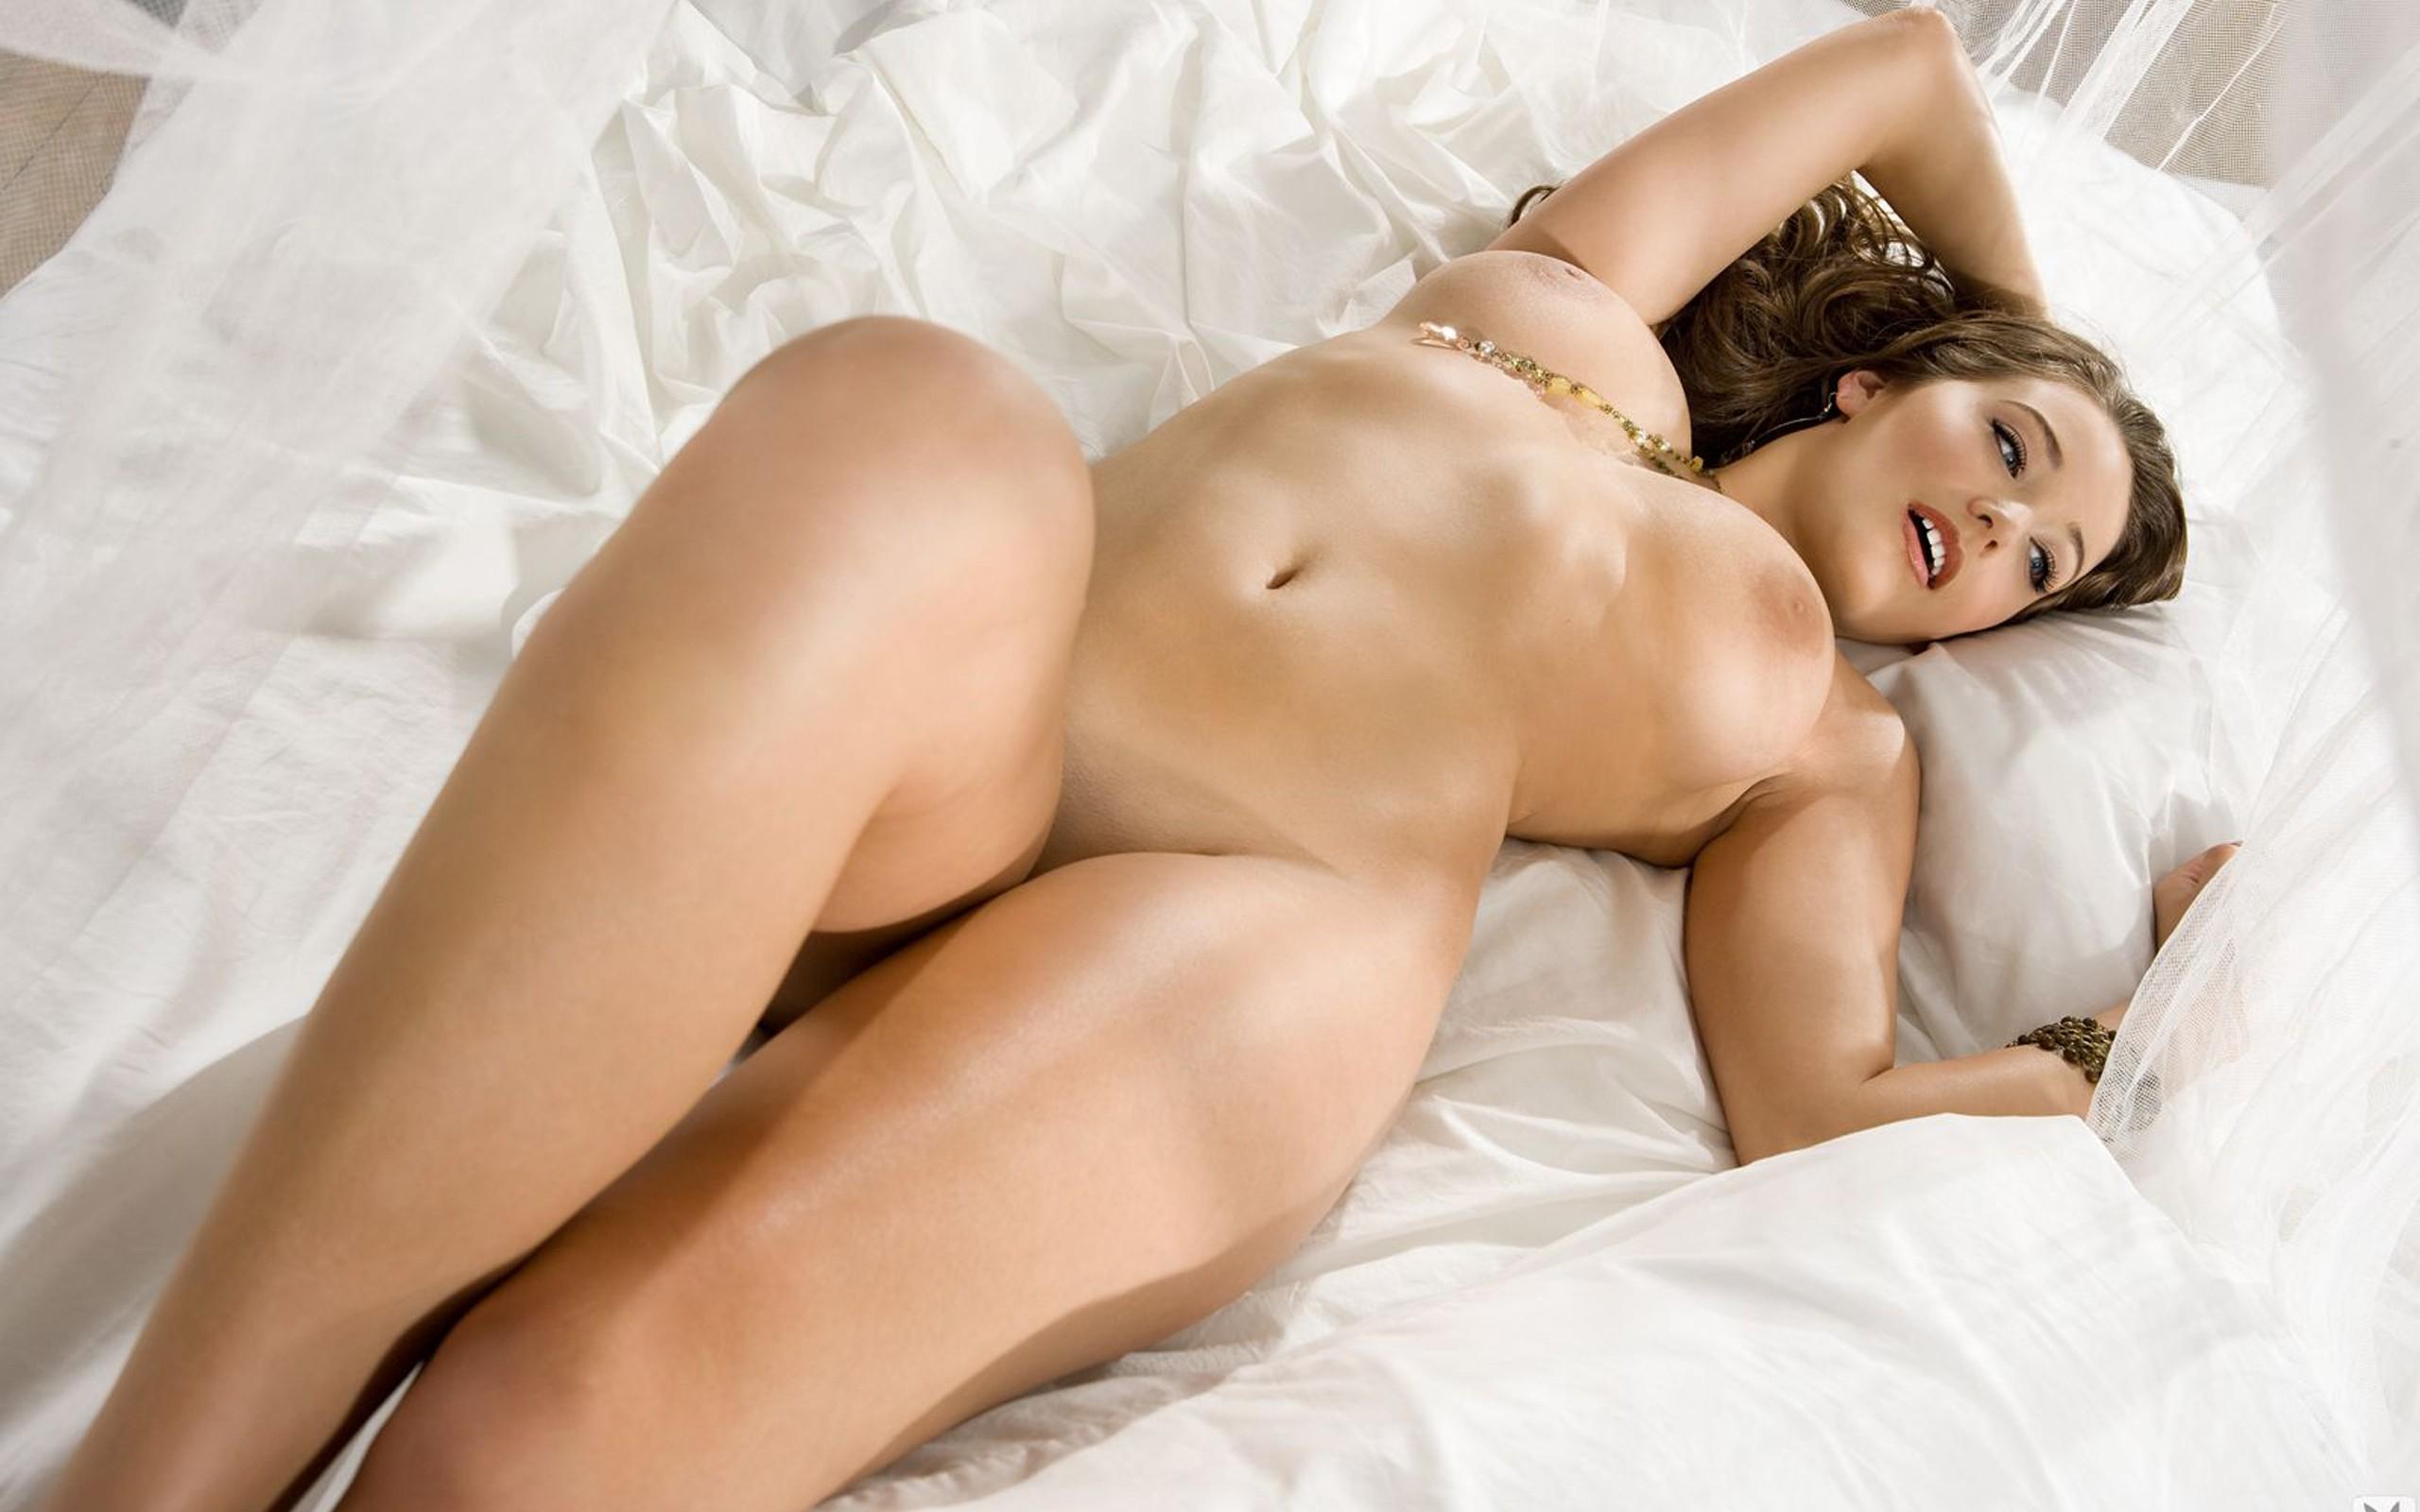 голые дамы с красивой фигурой